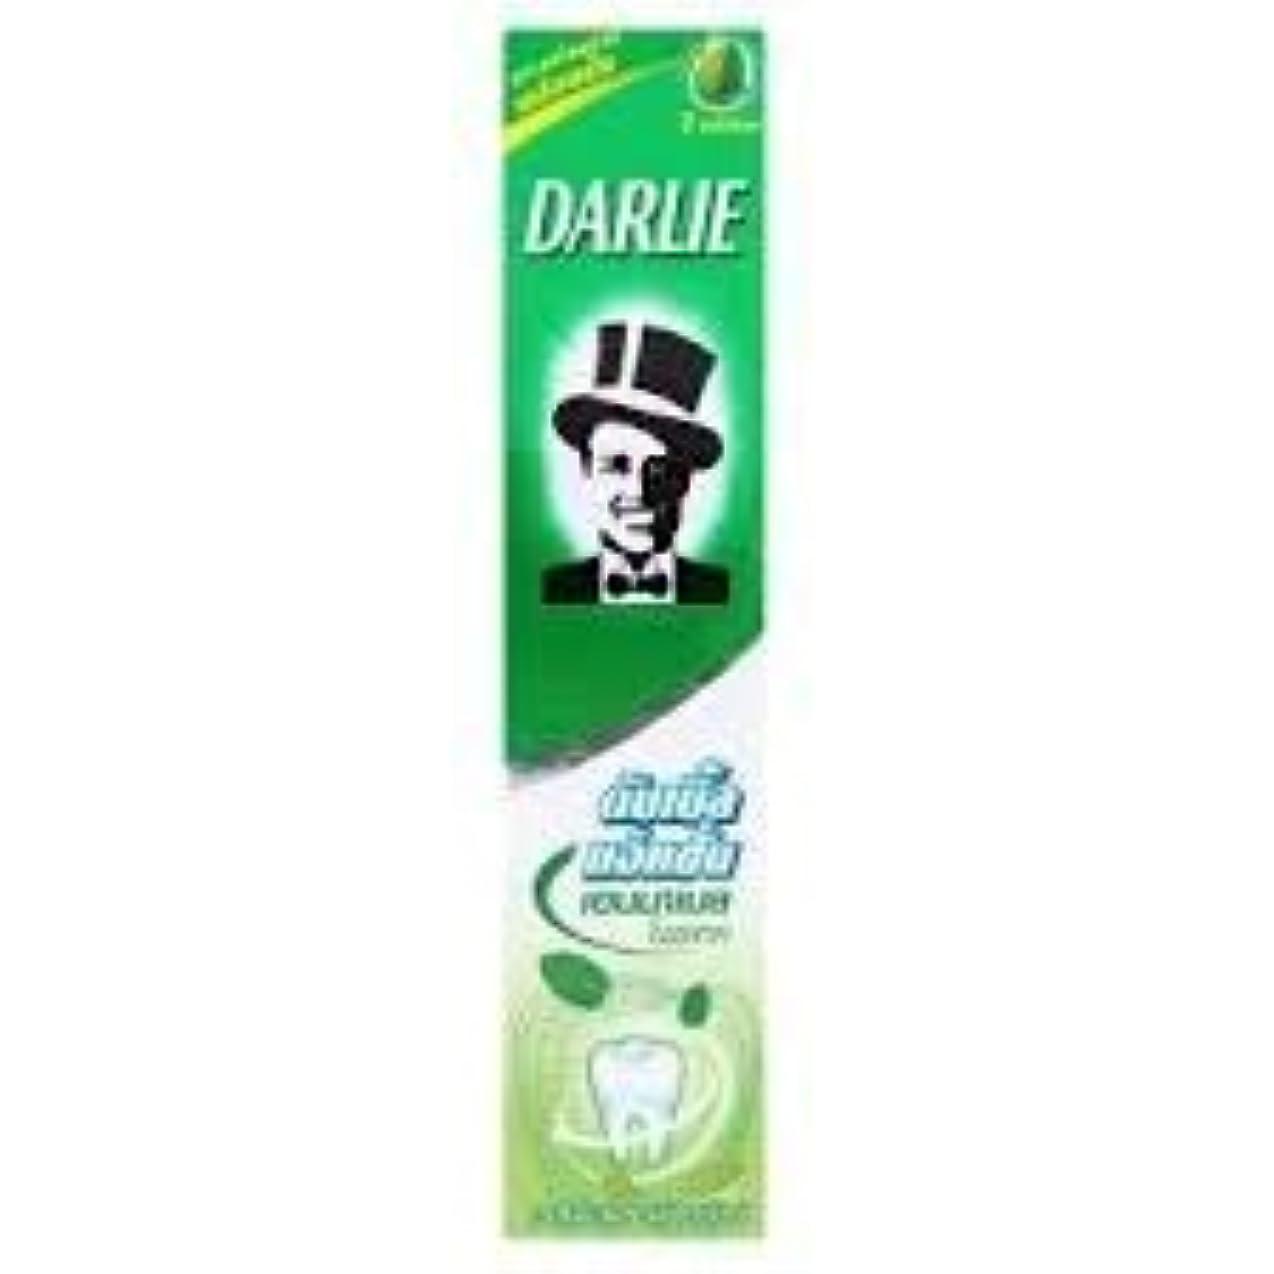 伝えるリブ無能DARLIE 歯磨き粉エナメルは強力なミントを保護します200g - 私達の元の強いミントの味とあなたの呼吸のミントを新しく保ちます